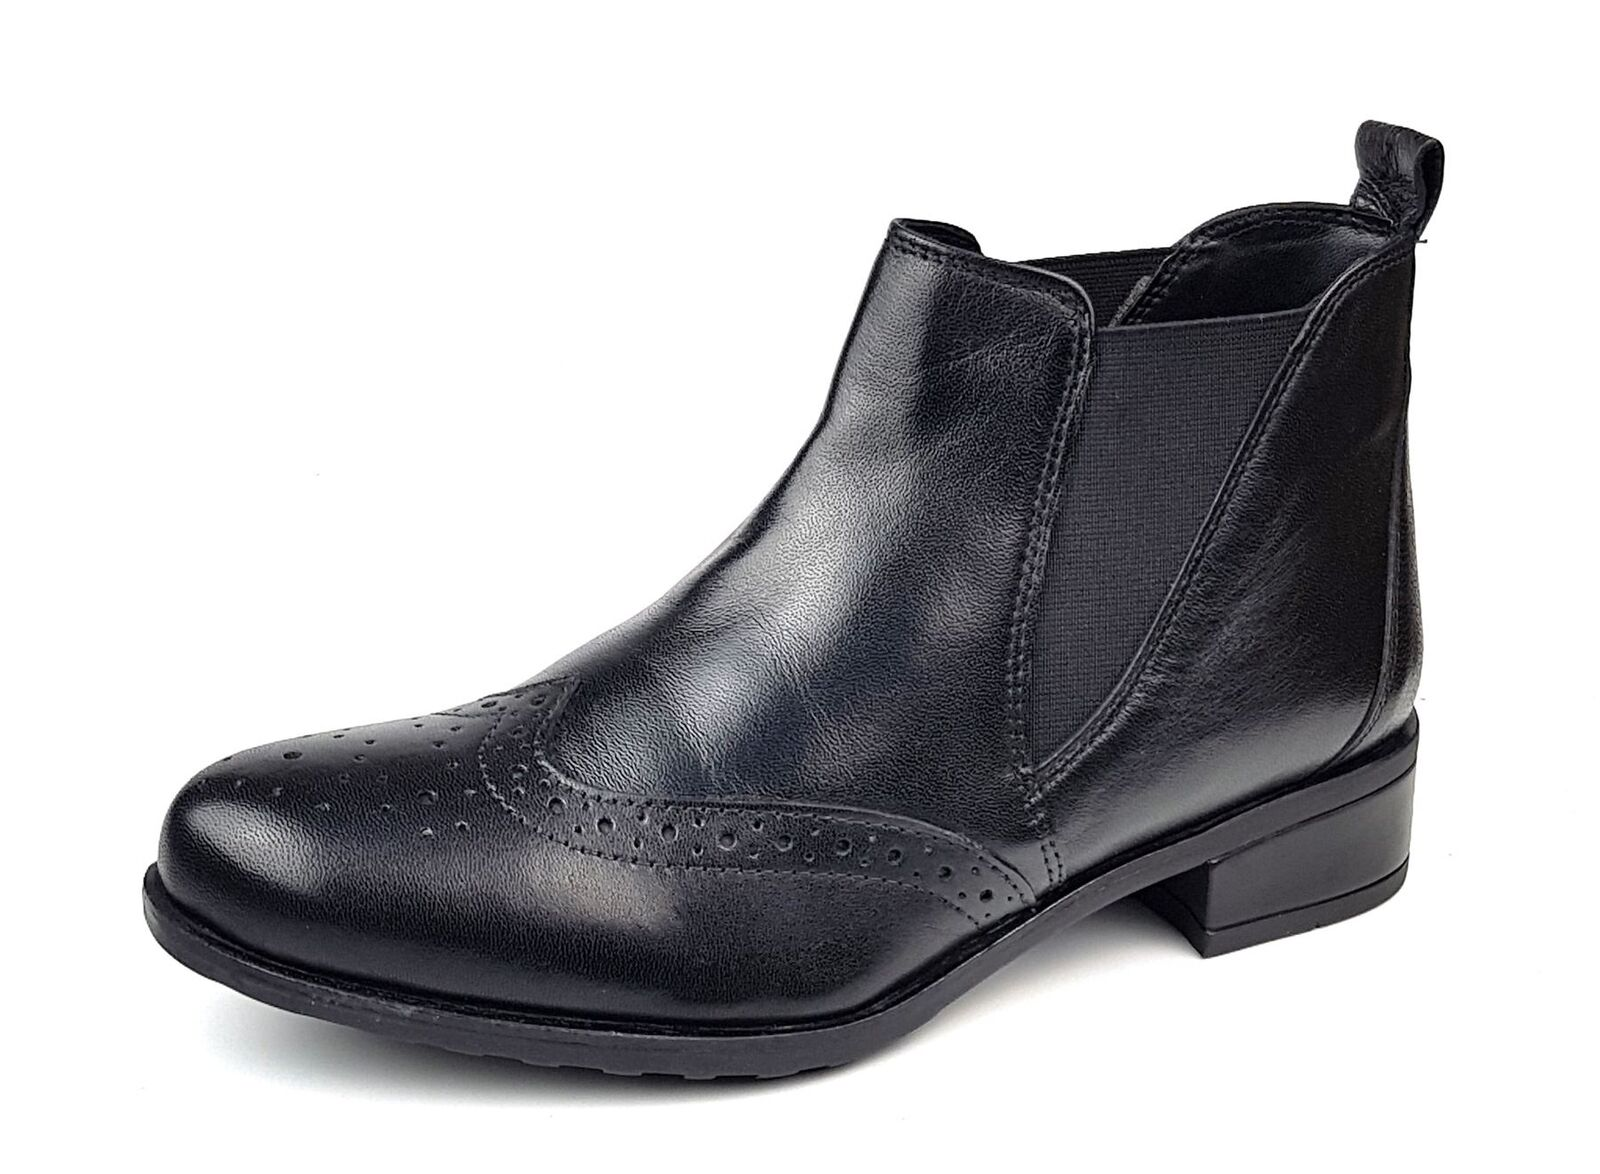 Comfort Plus Ladies Womans Leather Chelsea Boots Black 3 4 5 6 7 8